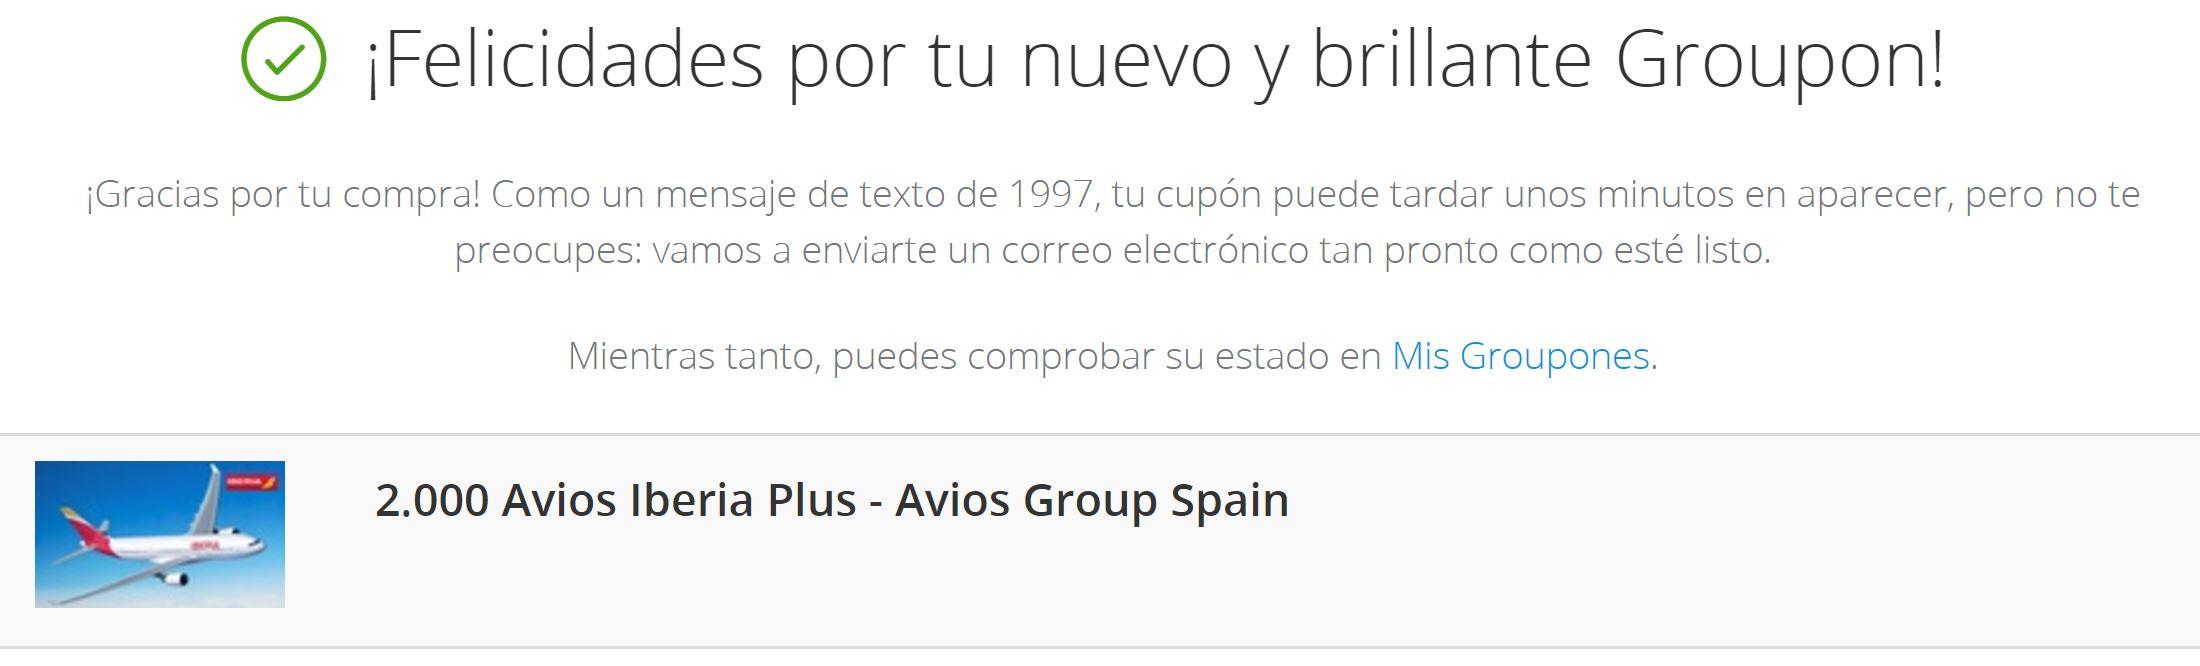 Compra de Avios no Iberia Plus via Groupon Espanha